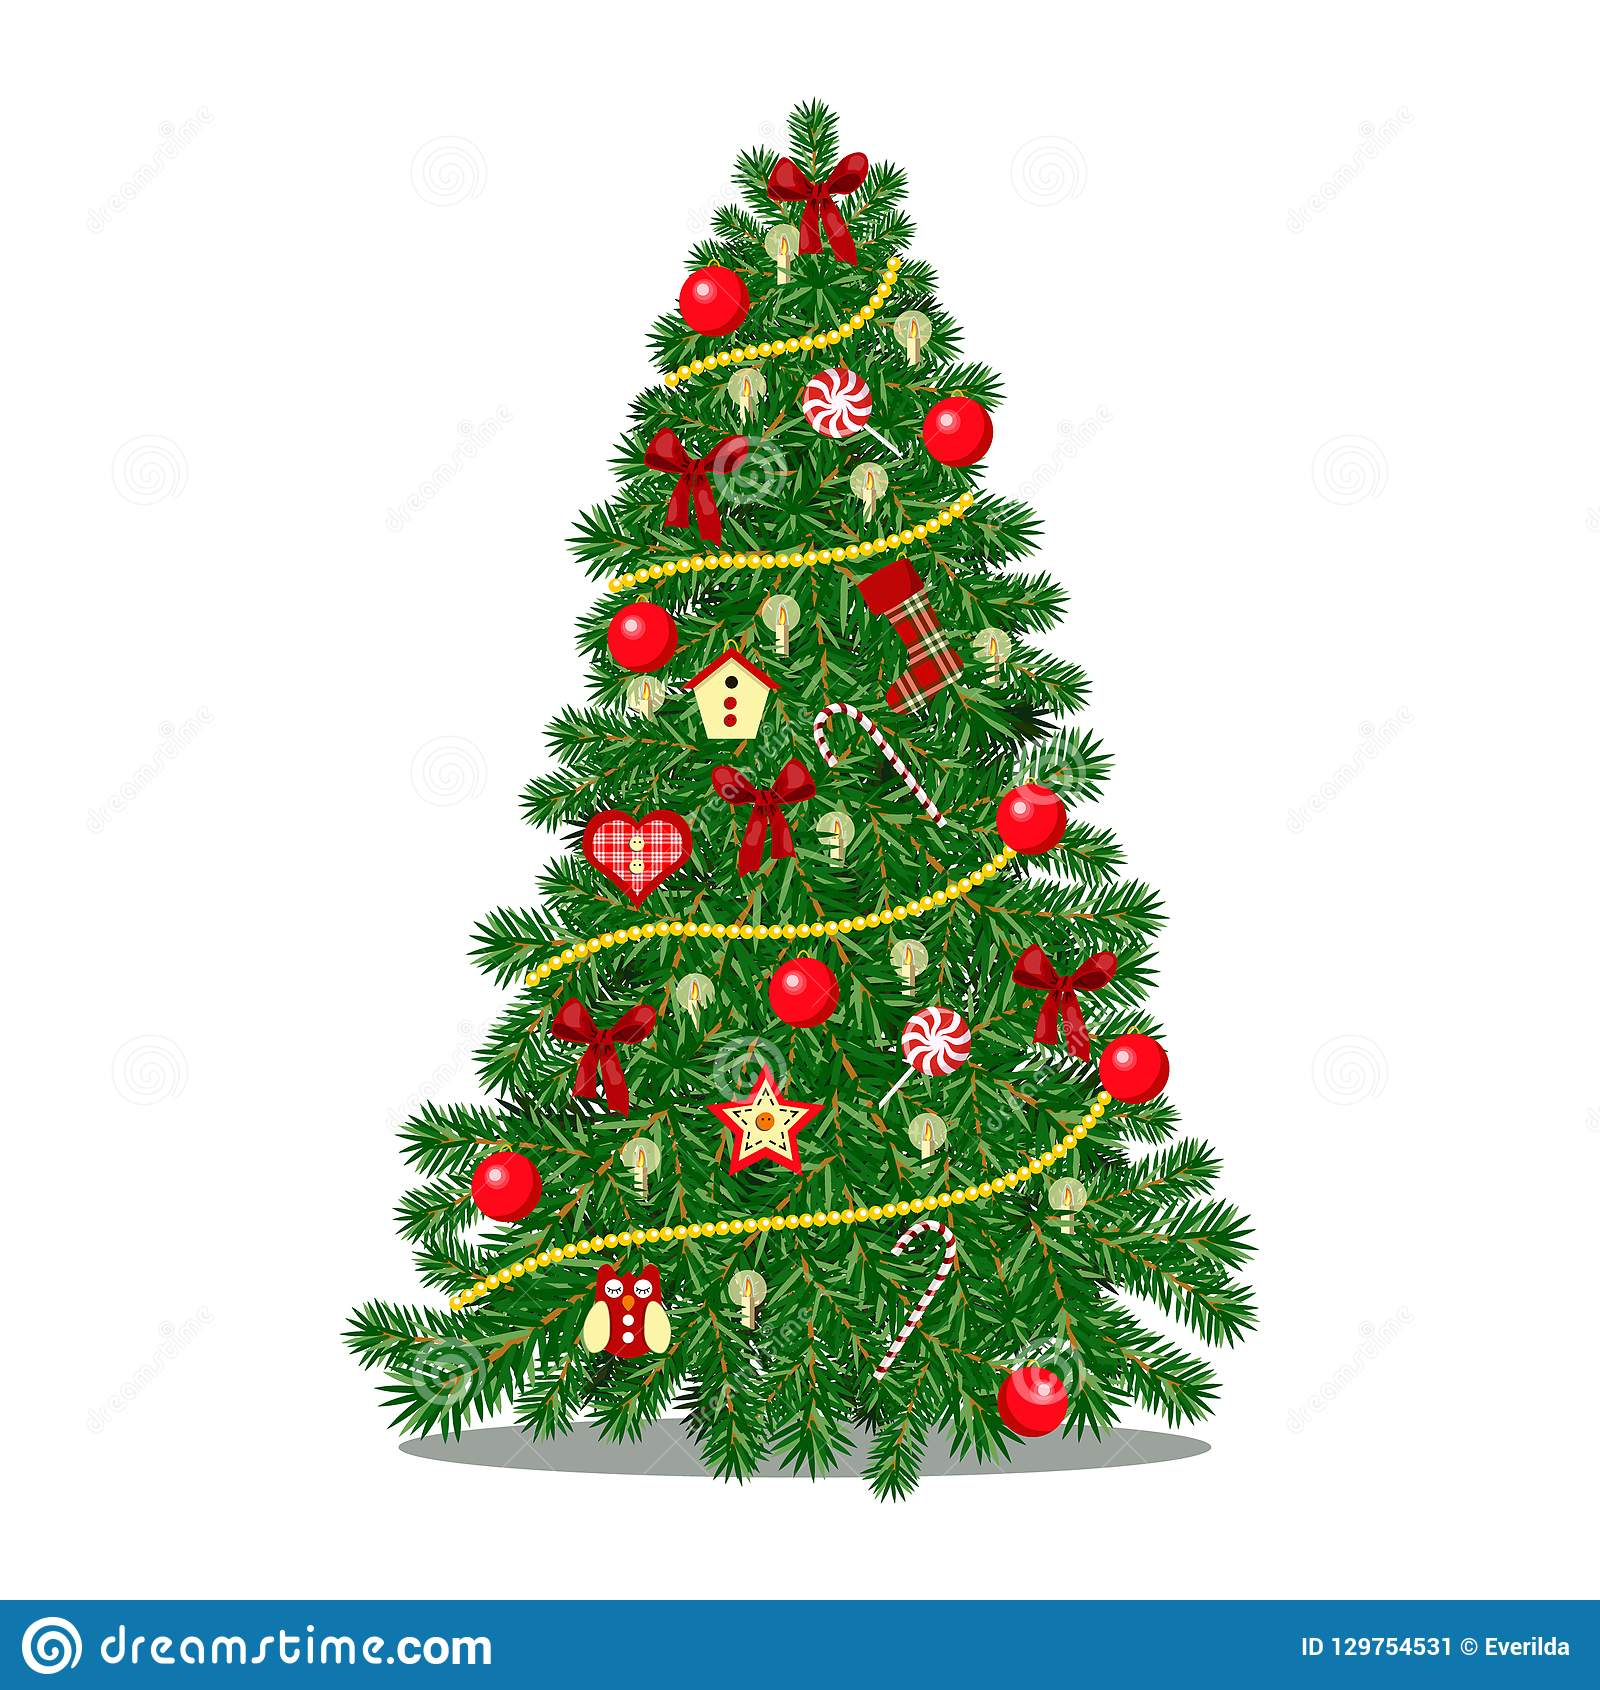 Weihnachtsbaum Rot.Weihnachtsbaum Verziert Mit Konfettipailletten Und Glaskugeln Im